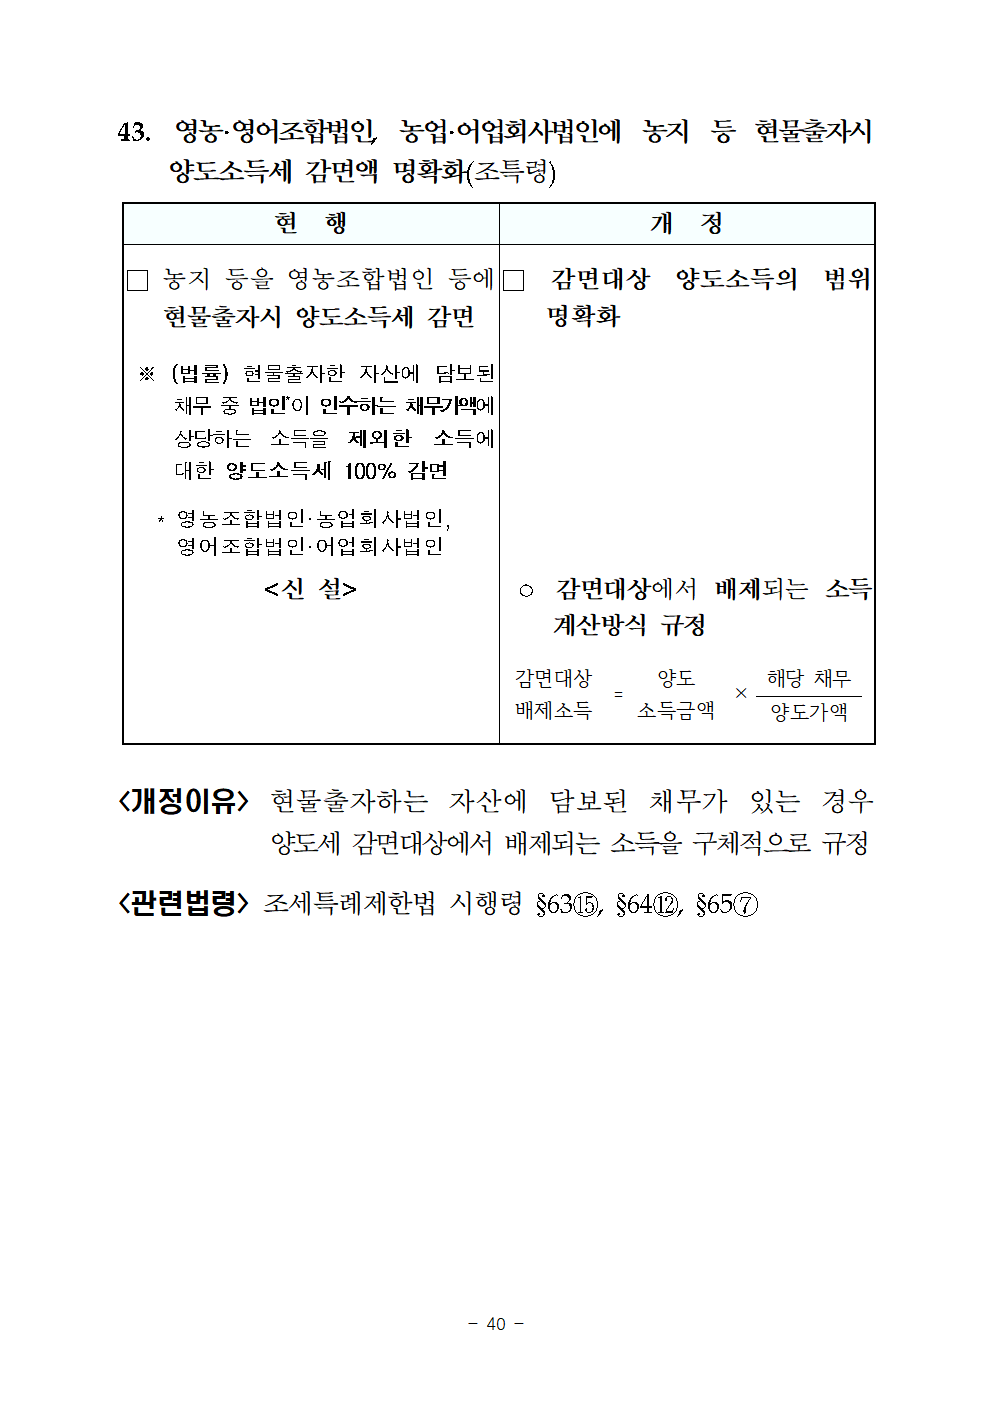 2019년세법개정내용(양도소득세분야)045.png